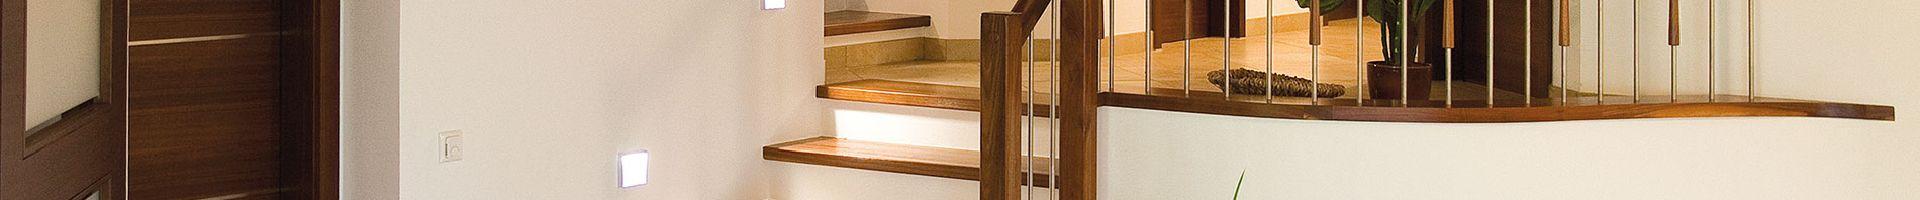 Individuelle Treppen und Lösungen